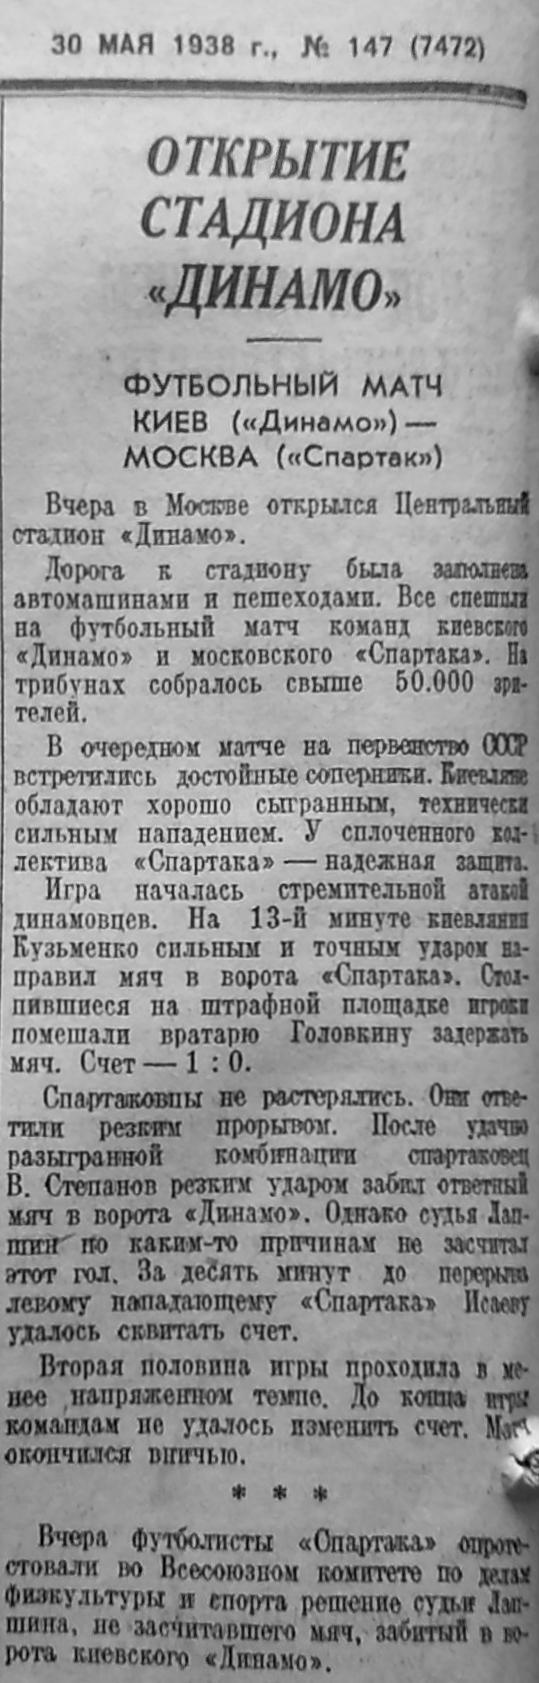 Спартак (Москва) - Динамо (Киев) 1:1